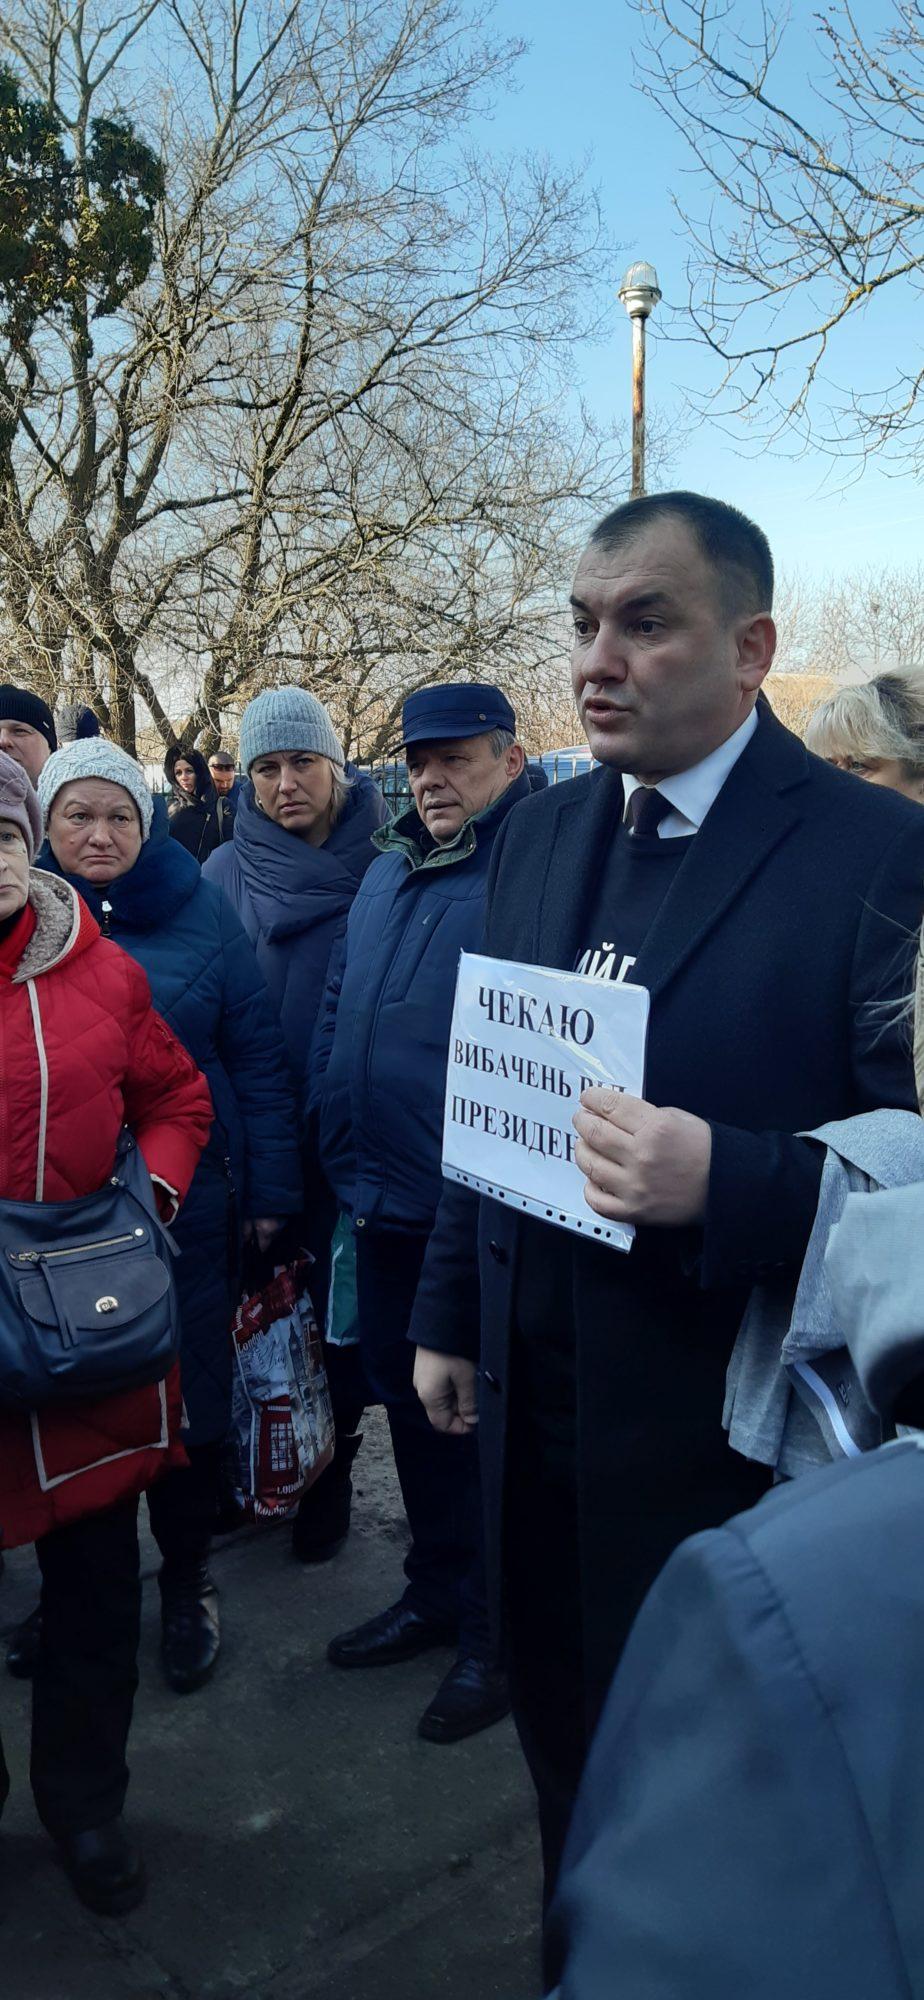 20200219_105826-924x2000 Чому президент Зеленський приїжджав в Бориспіль